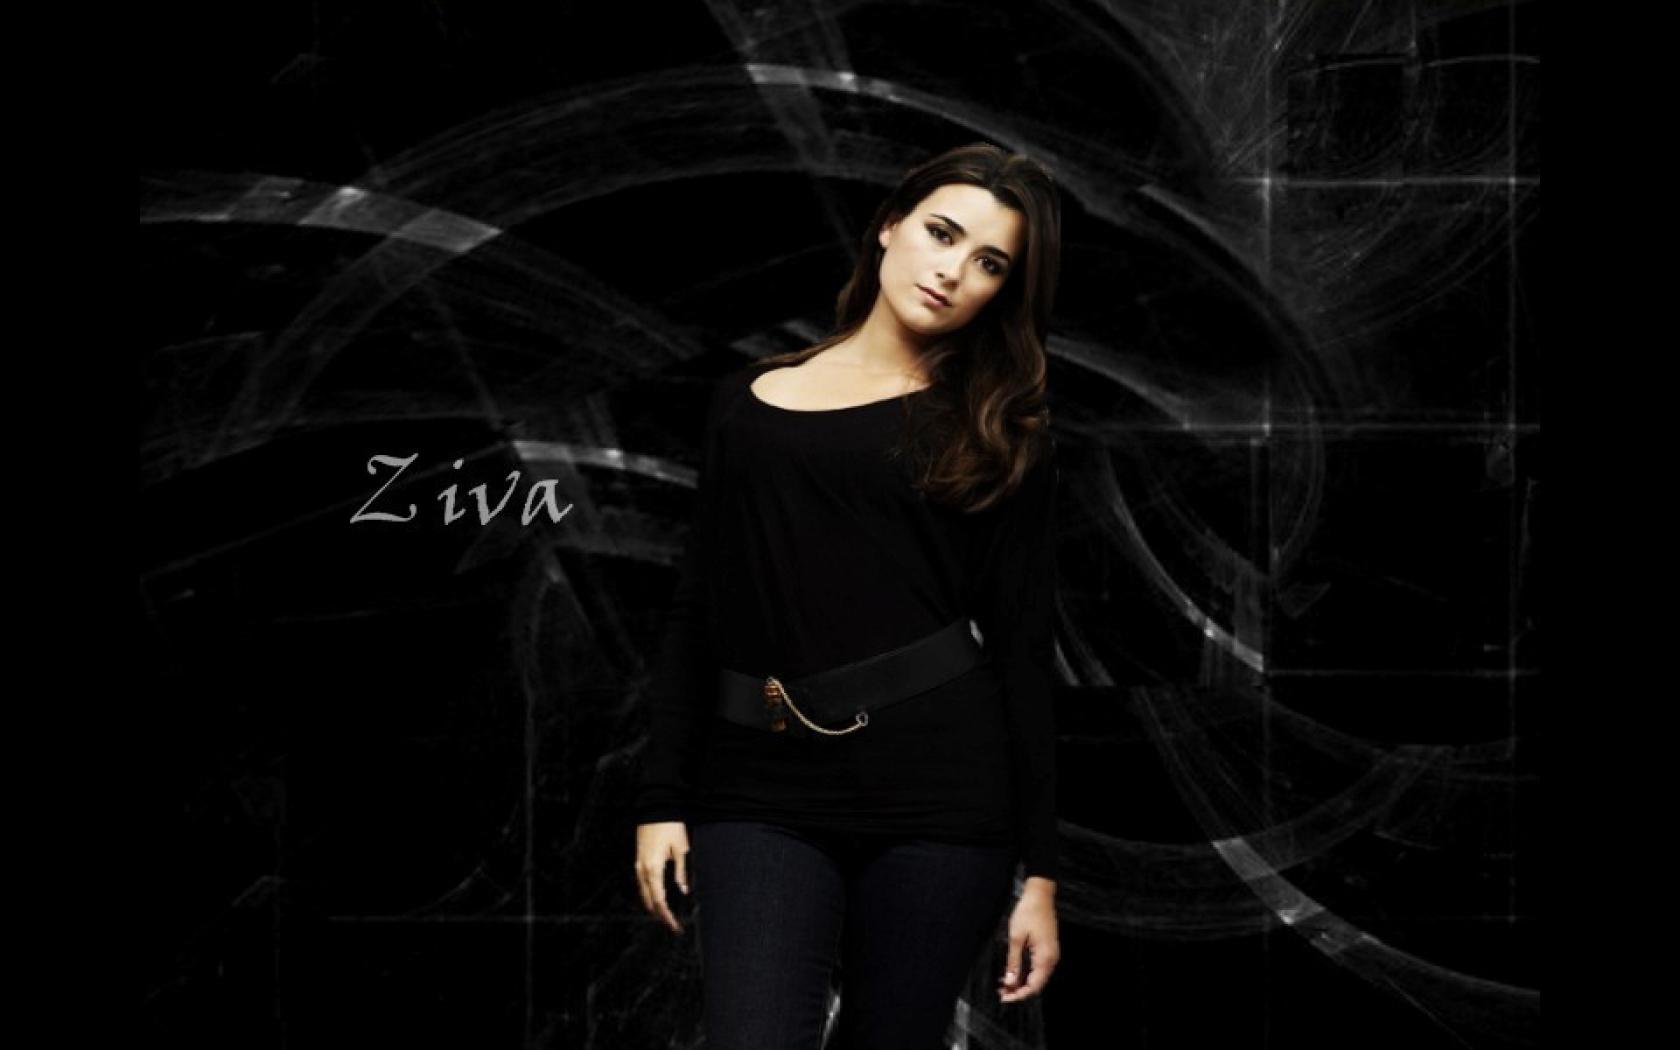 Ziva David Cote De Pablo Widescreen   Ziva David Wallpaper 12613866 1680x1050